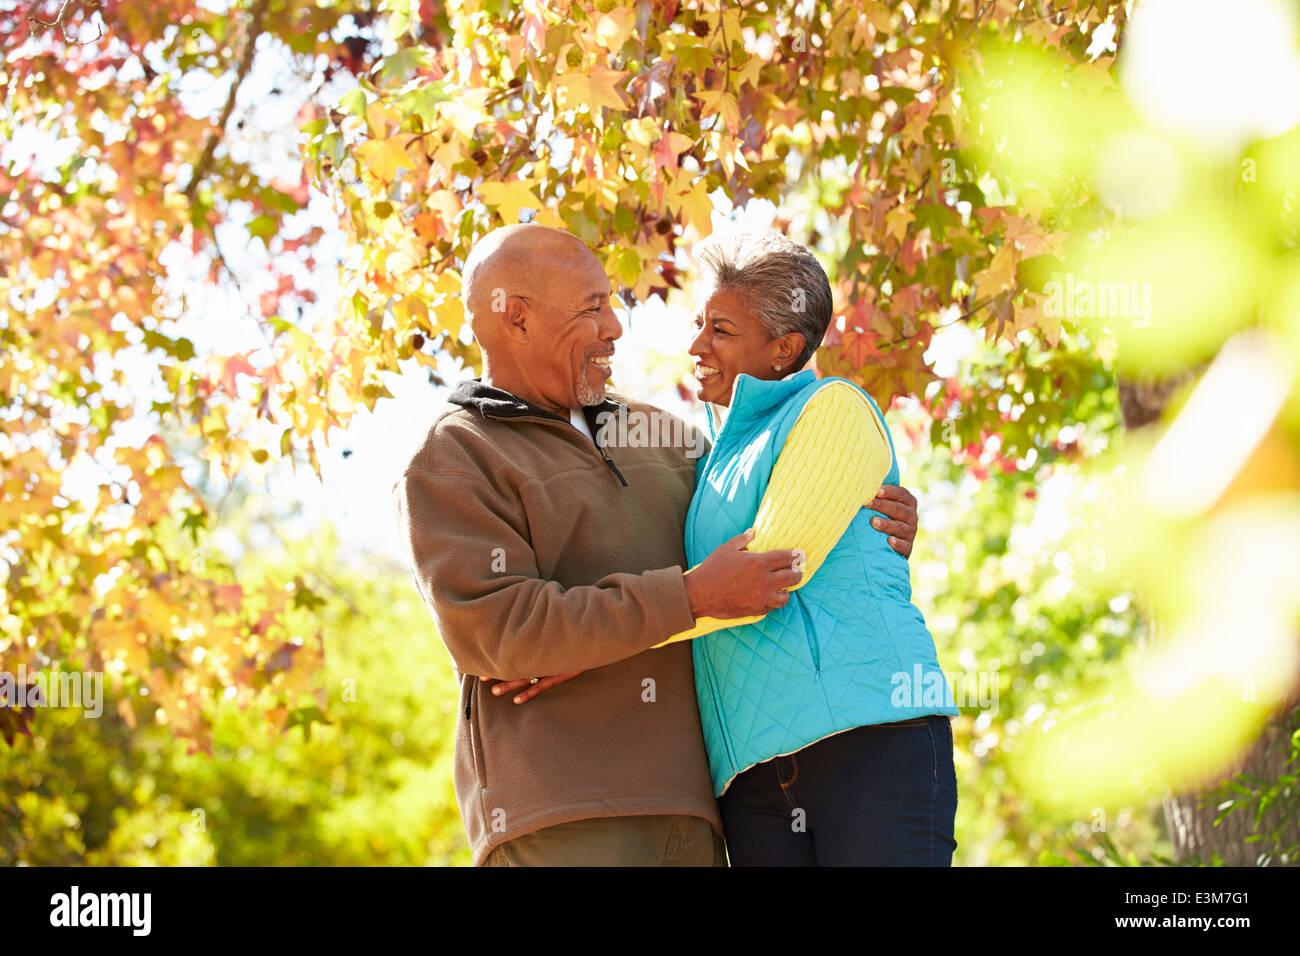 Las parejas ancianas caminando a través del bosque de Otoño Imagen De Stock